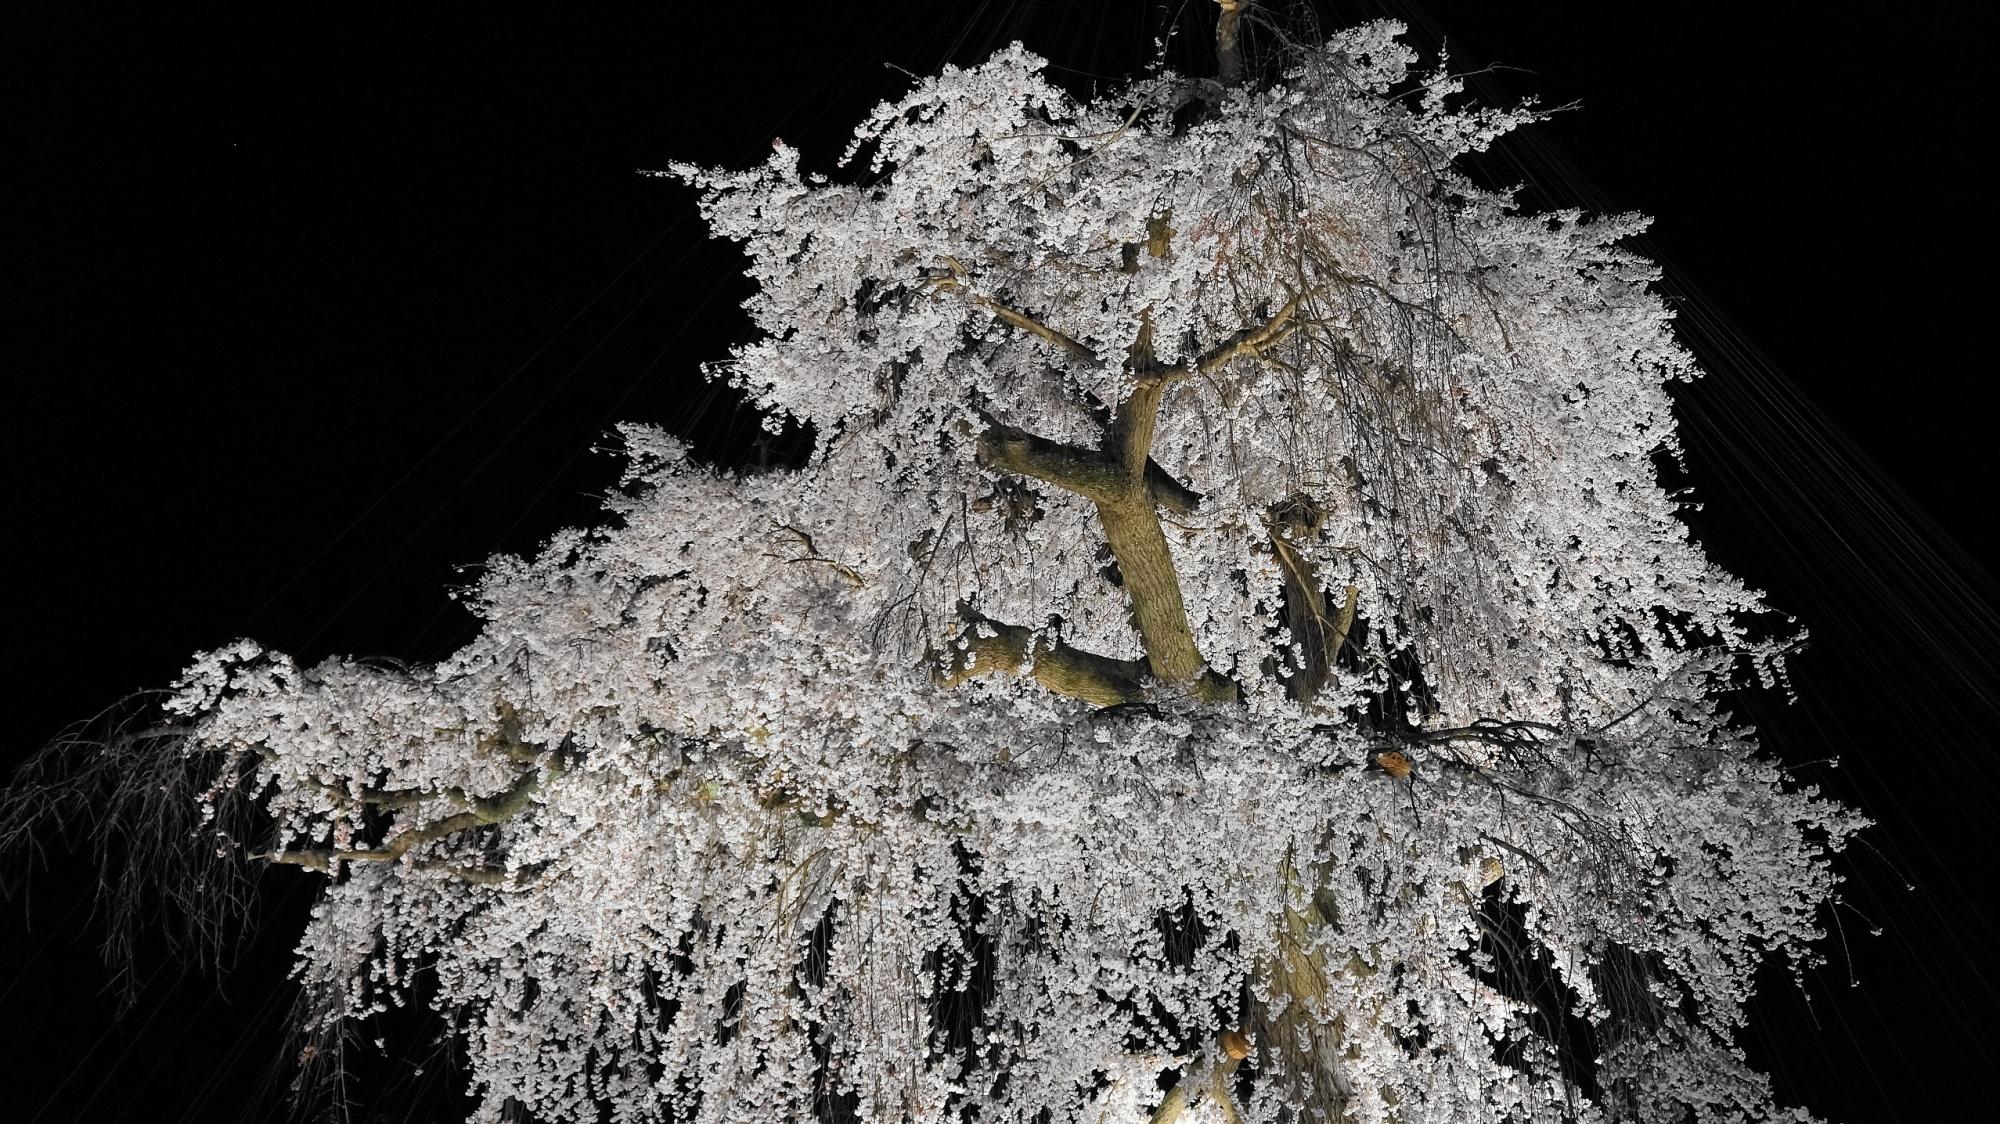 円山公園の祇園枝垂桜ライトアップ